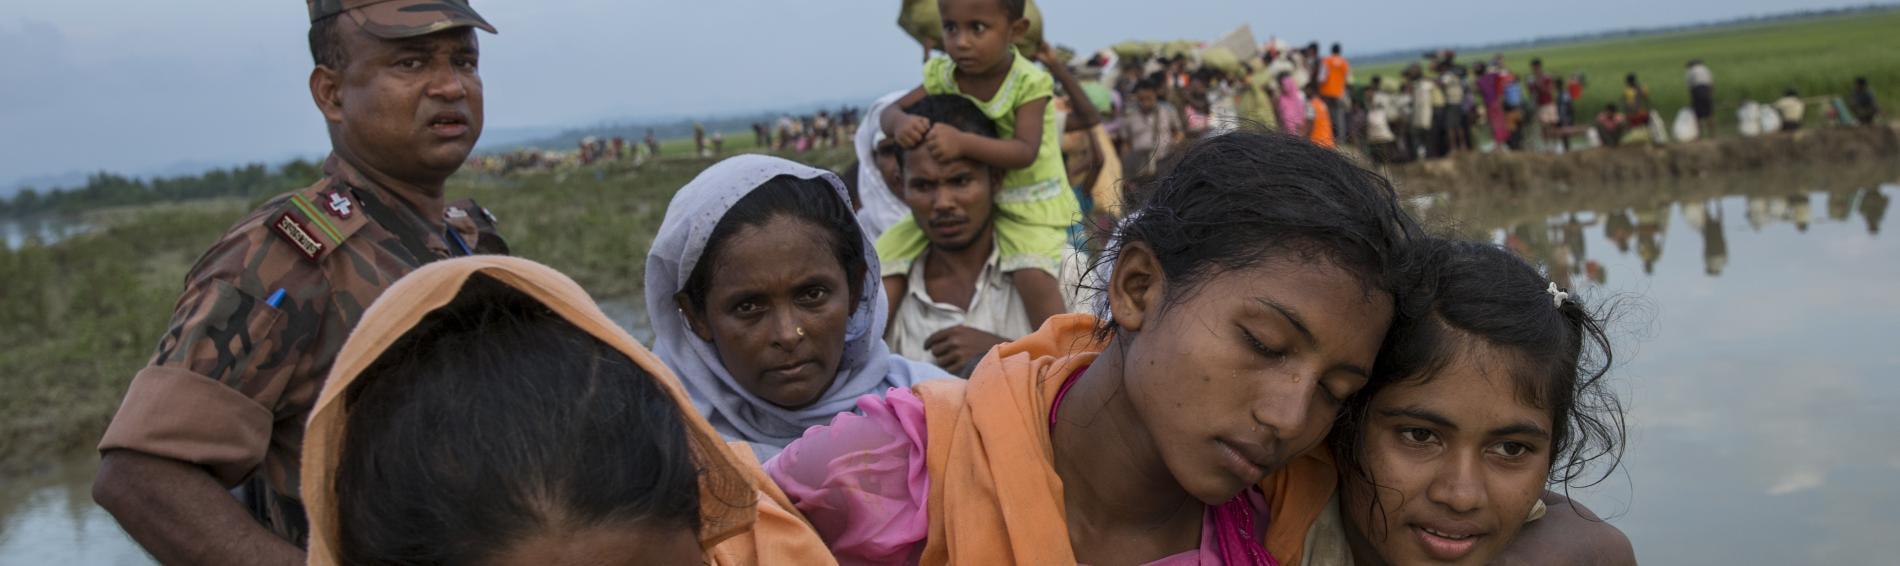 Rohingya auf dem Weg in ein Flüchtlingscamp in Bangladesch. Foto: Arnaud Finistre